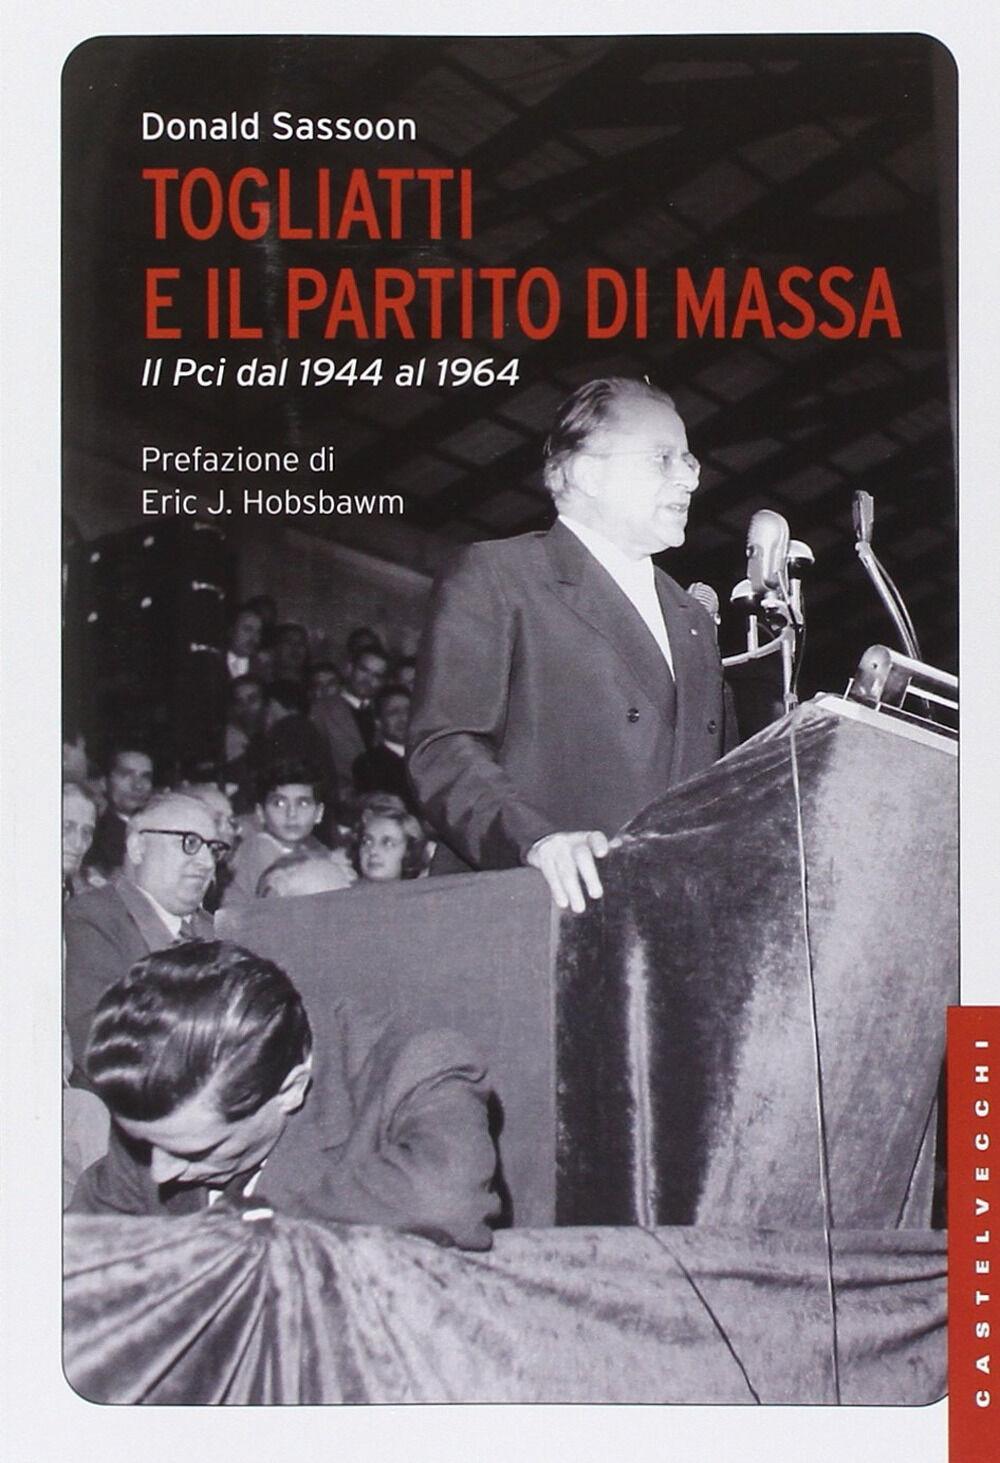 Togliatti e il partito di massa. Il PCI dal 1944 al 1964